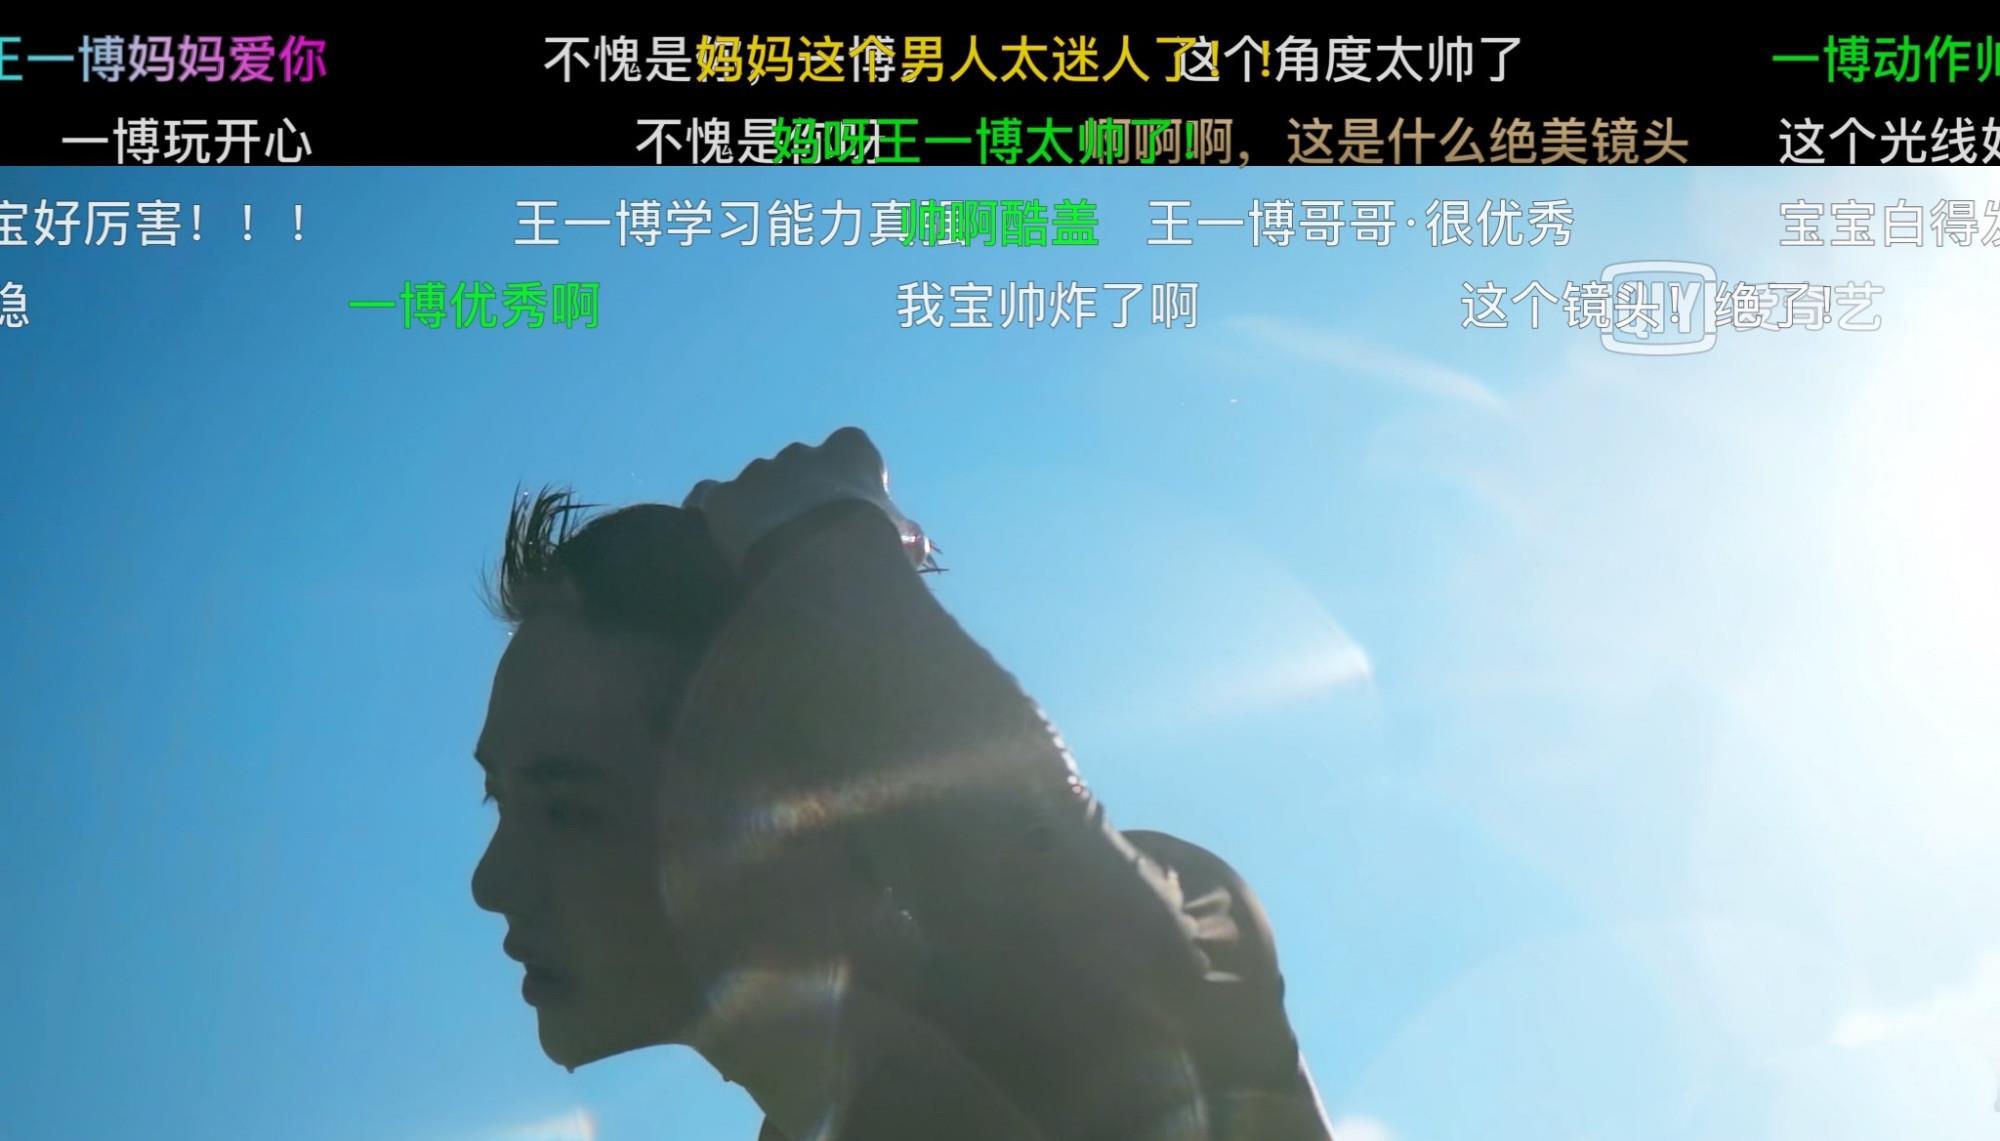 王一博在海上放飞自我,黄轩:管不住了  手游热点  第5张